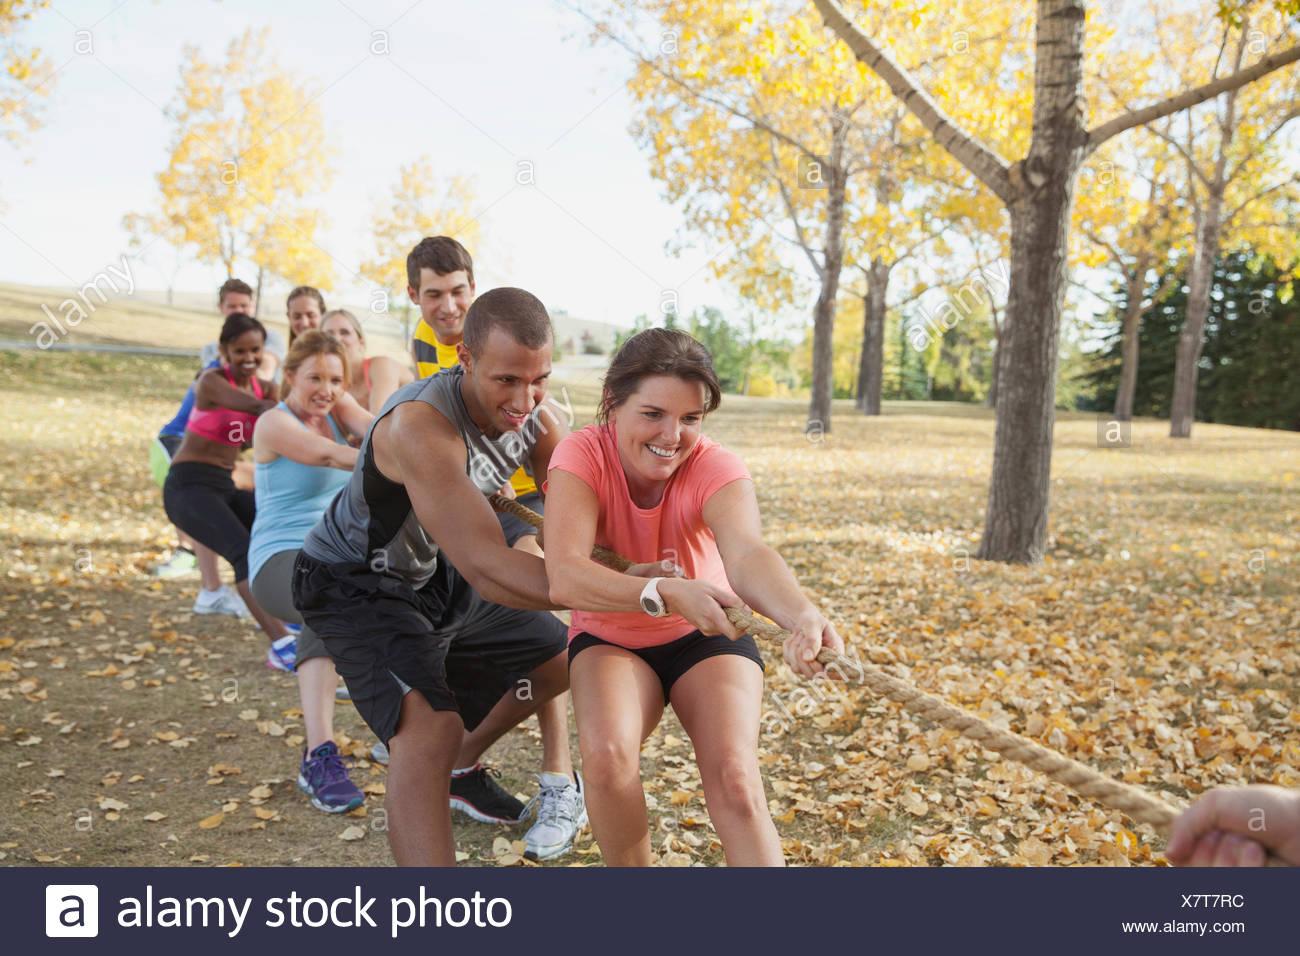 Clase de gimnasia haciendo Tug of War afuera. Imagen De Stock